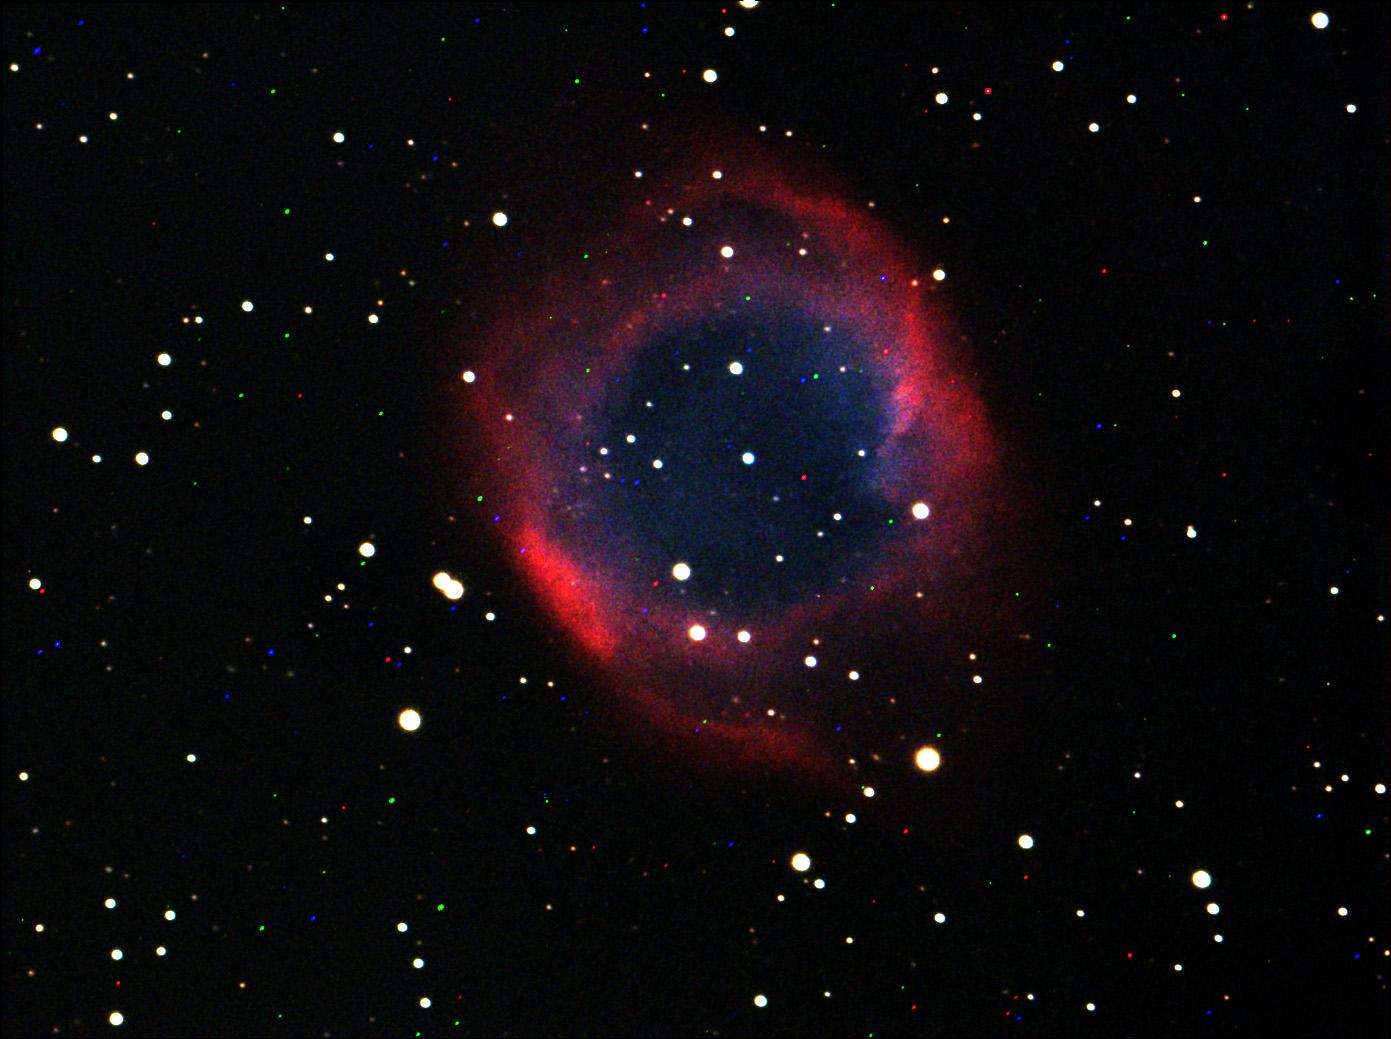 helix-apm-5815ee7b8d2681c4a031438bd54ab4f4d0653baa